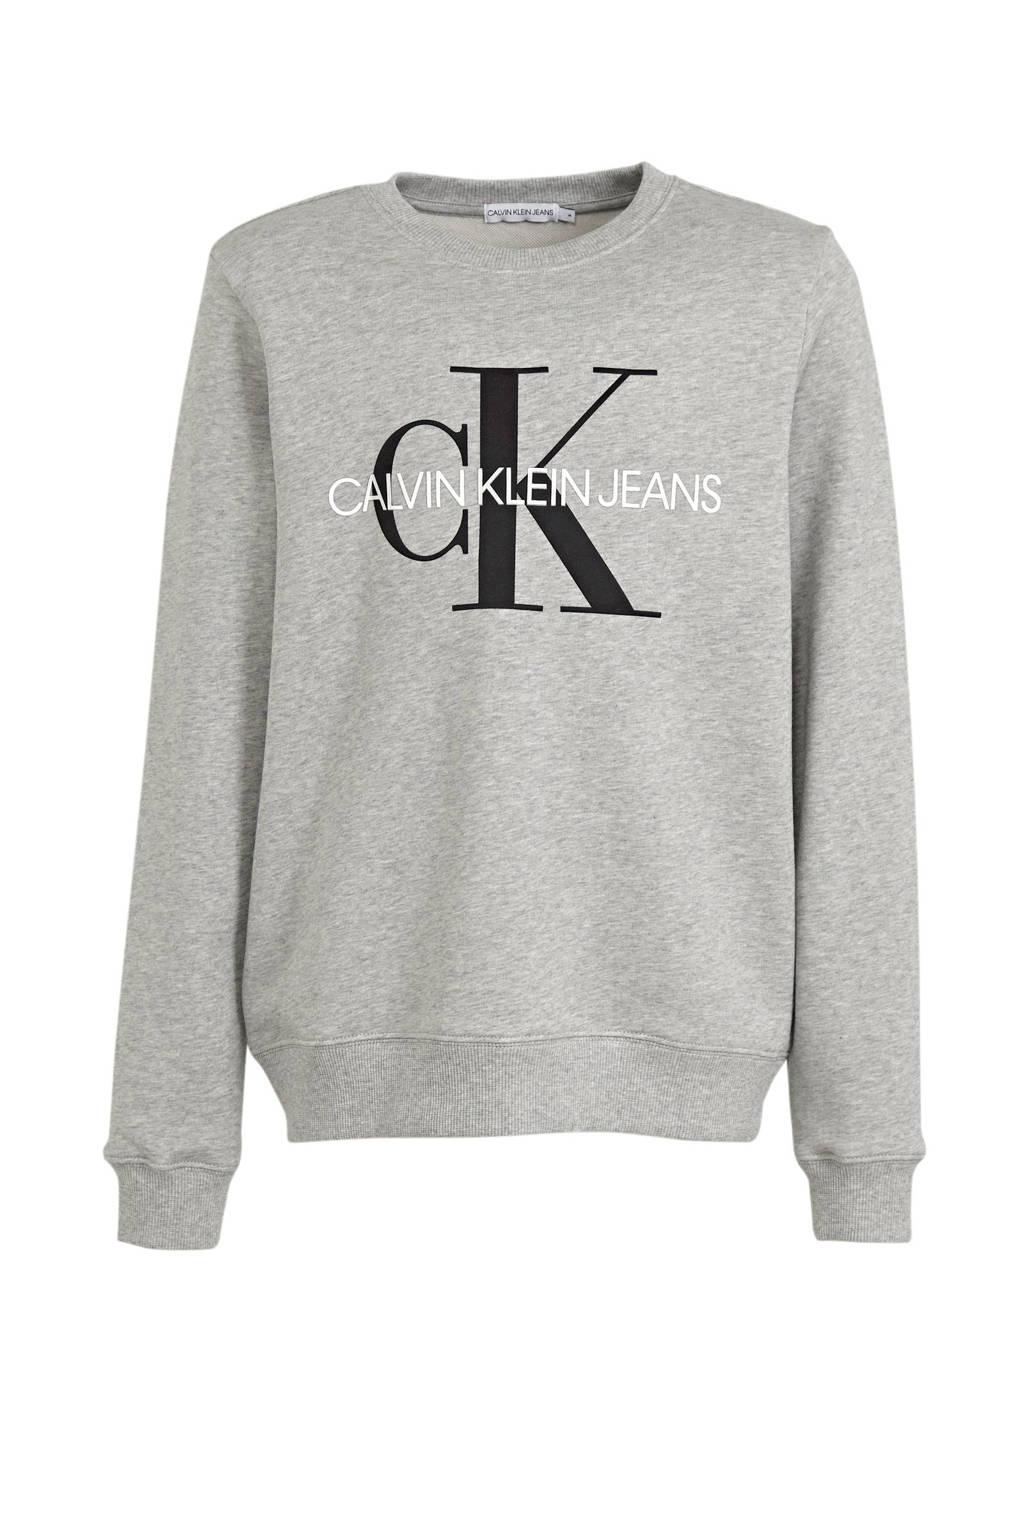 CALVIN KLEIN JEANS sweater van biologisch katoen grijs, Grijs